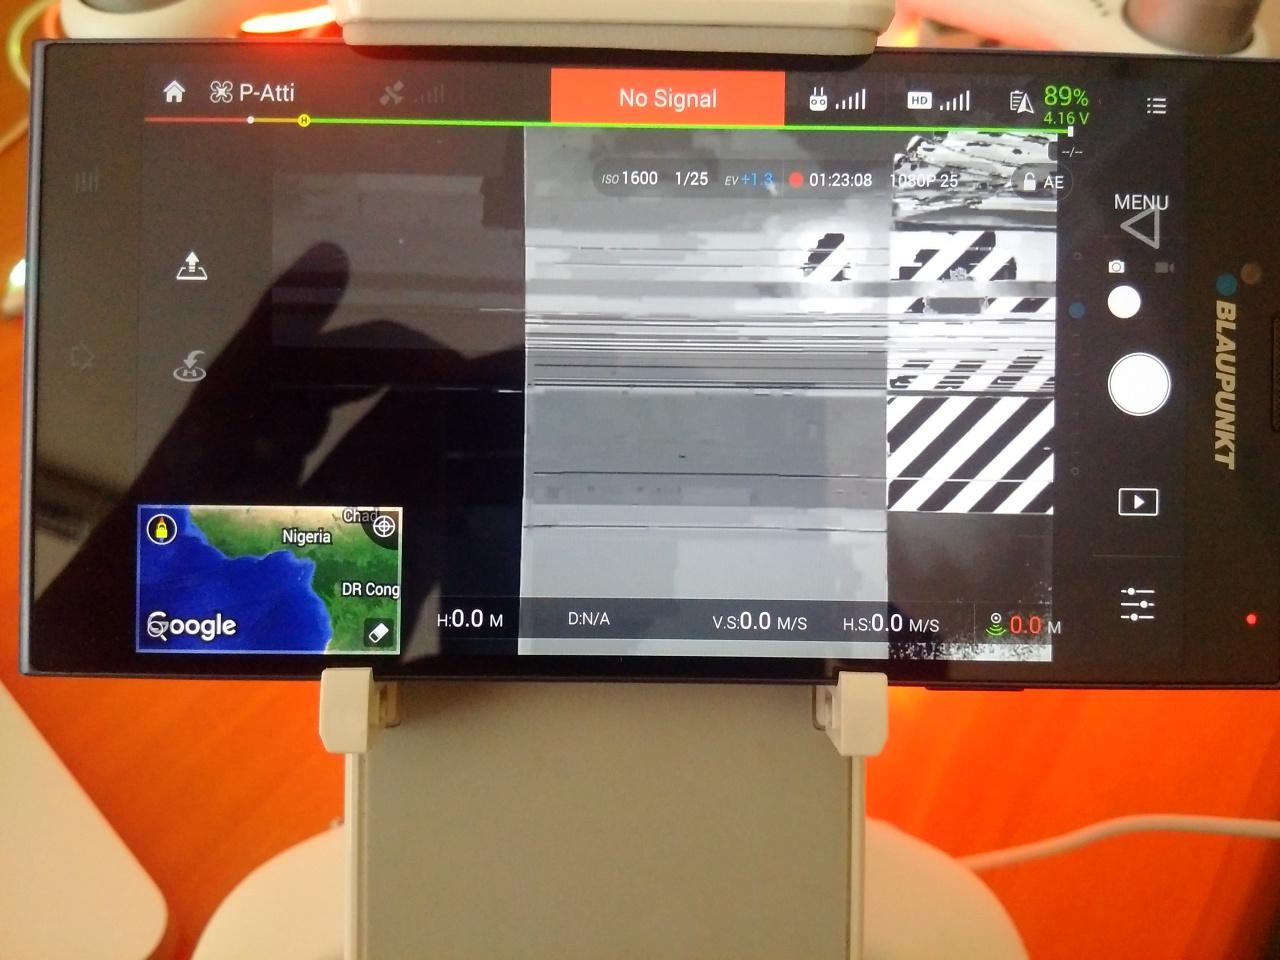 pressed video recording button